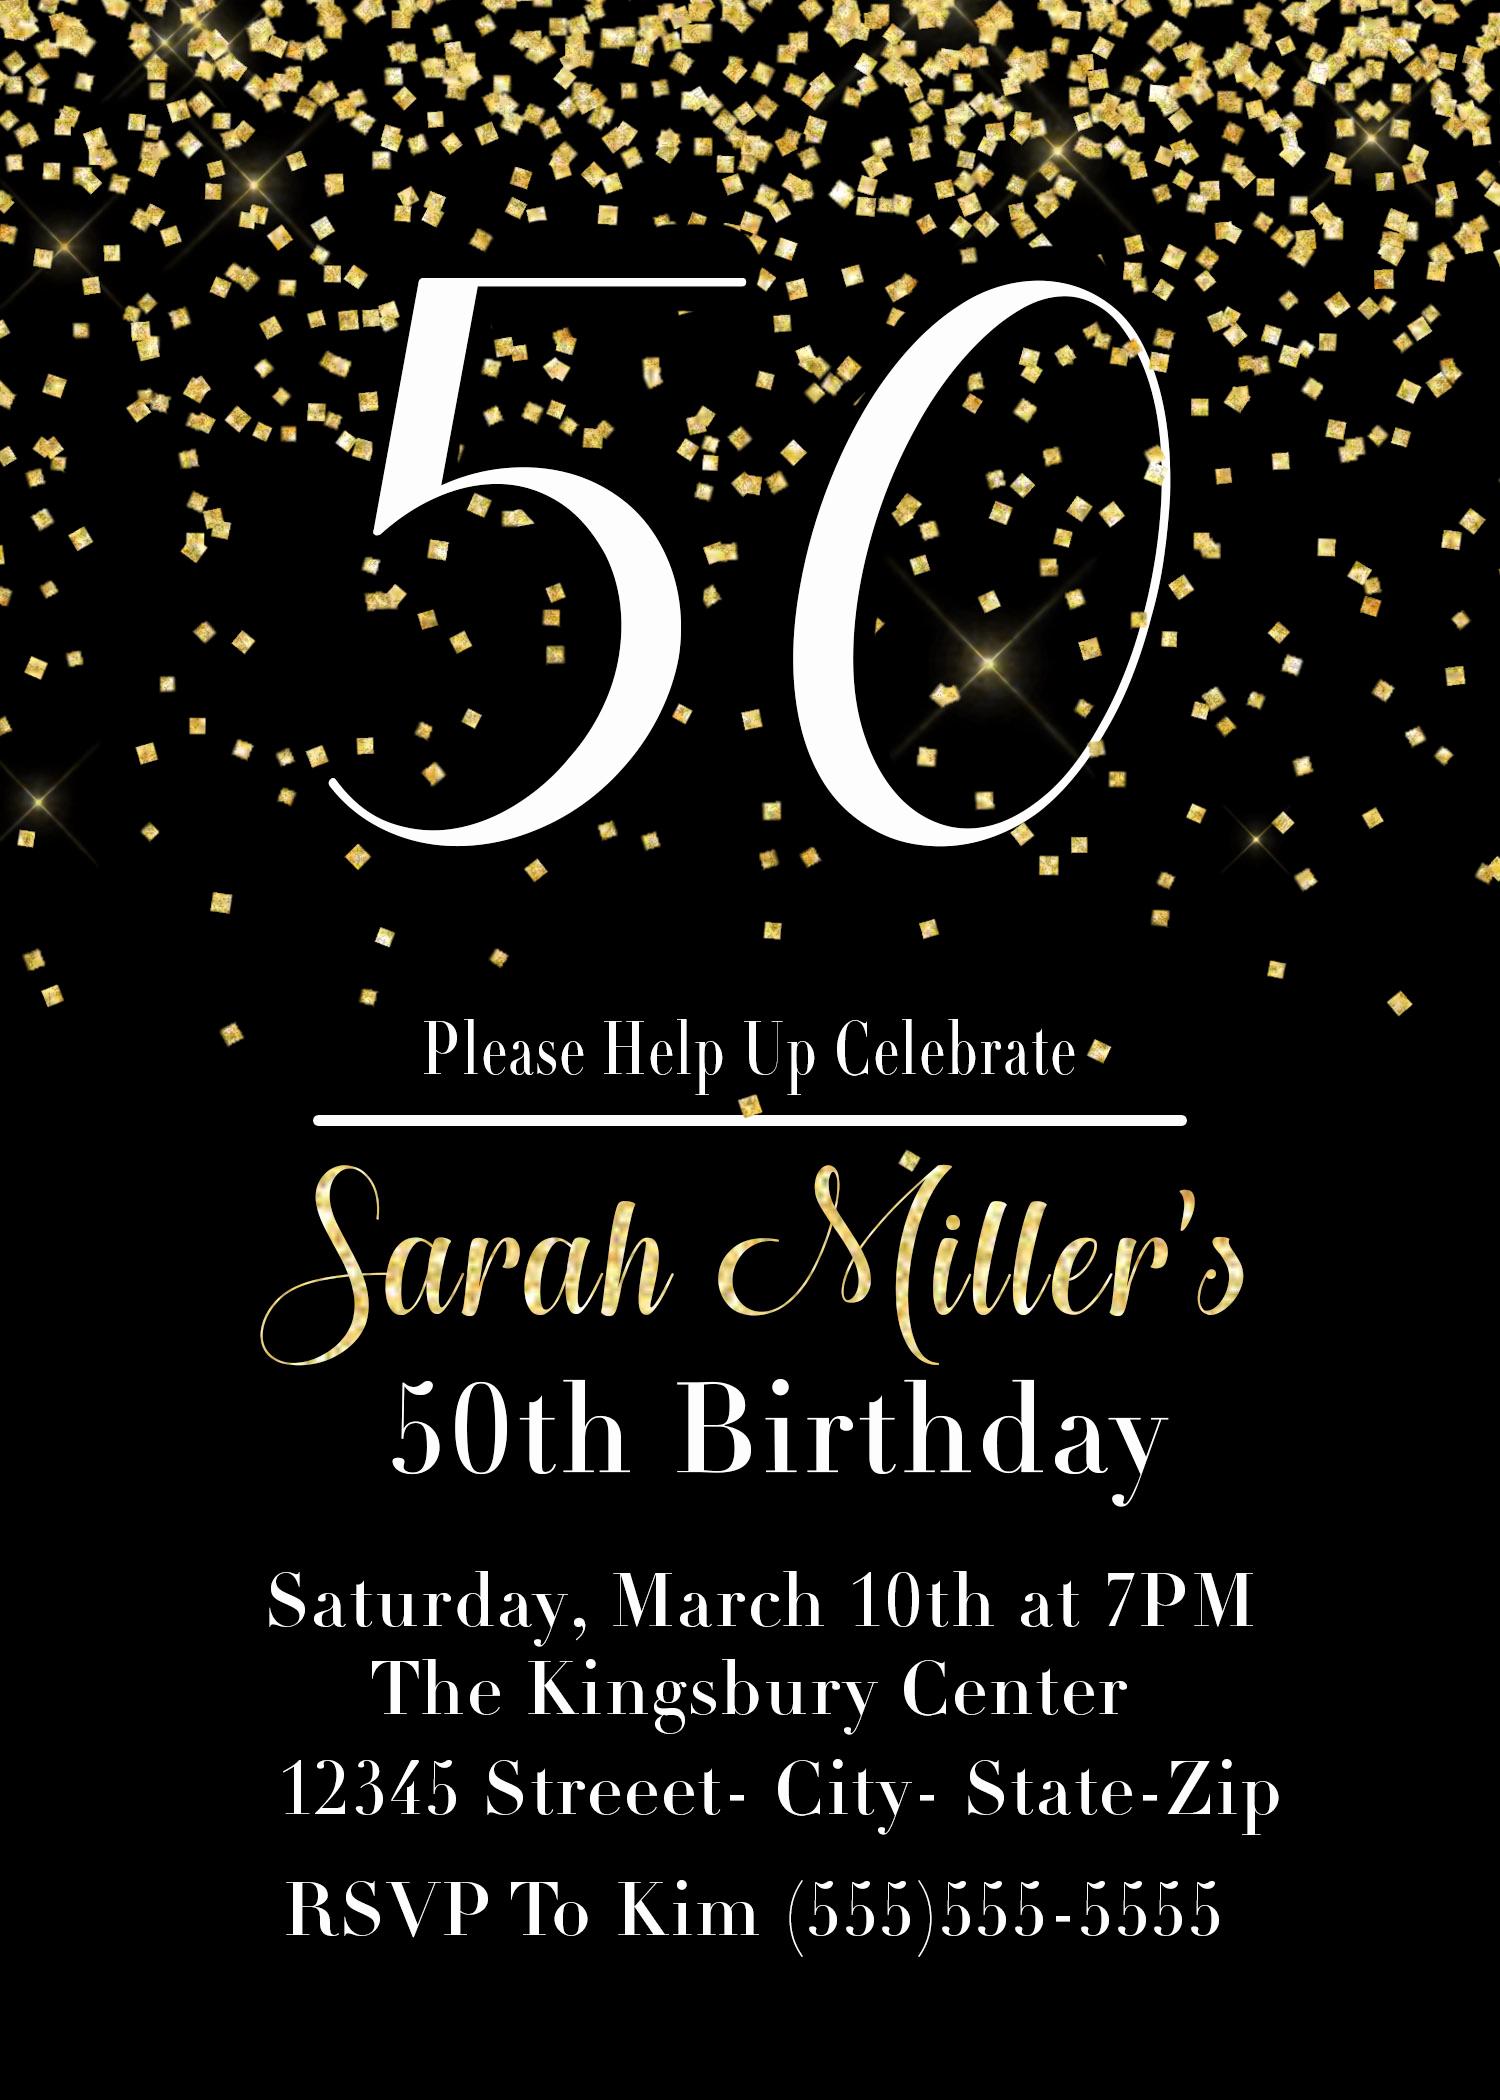 50th Birthday Party Invitation Ideas New Printable 50th Birthday Party Invitation In Black and Gold